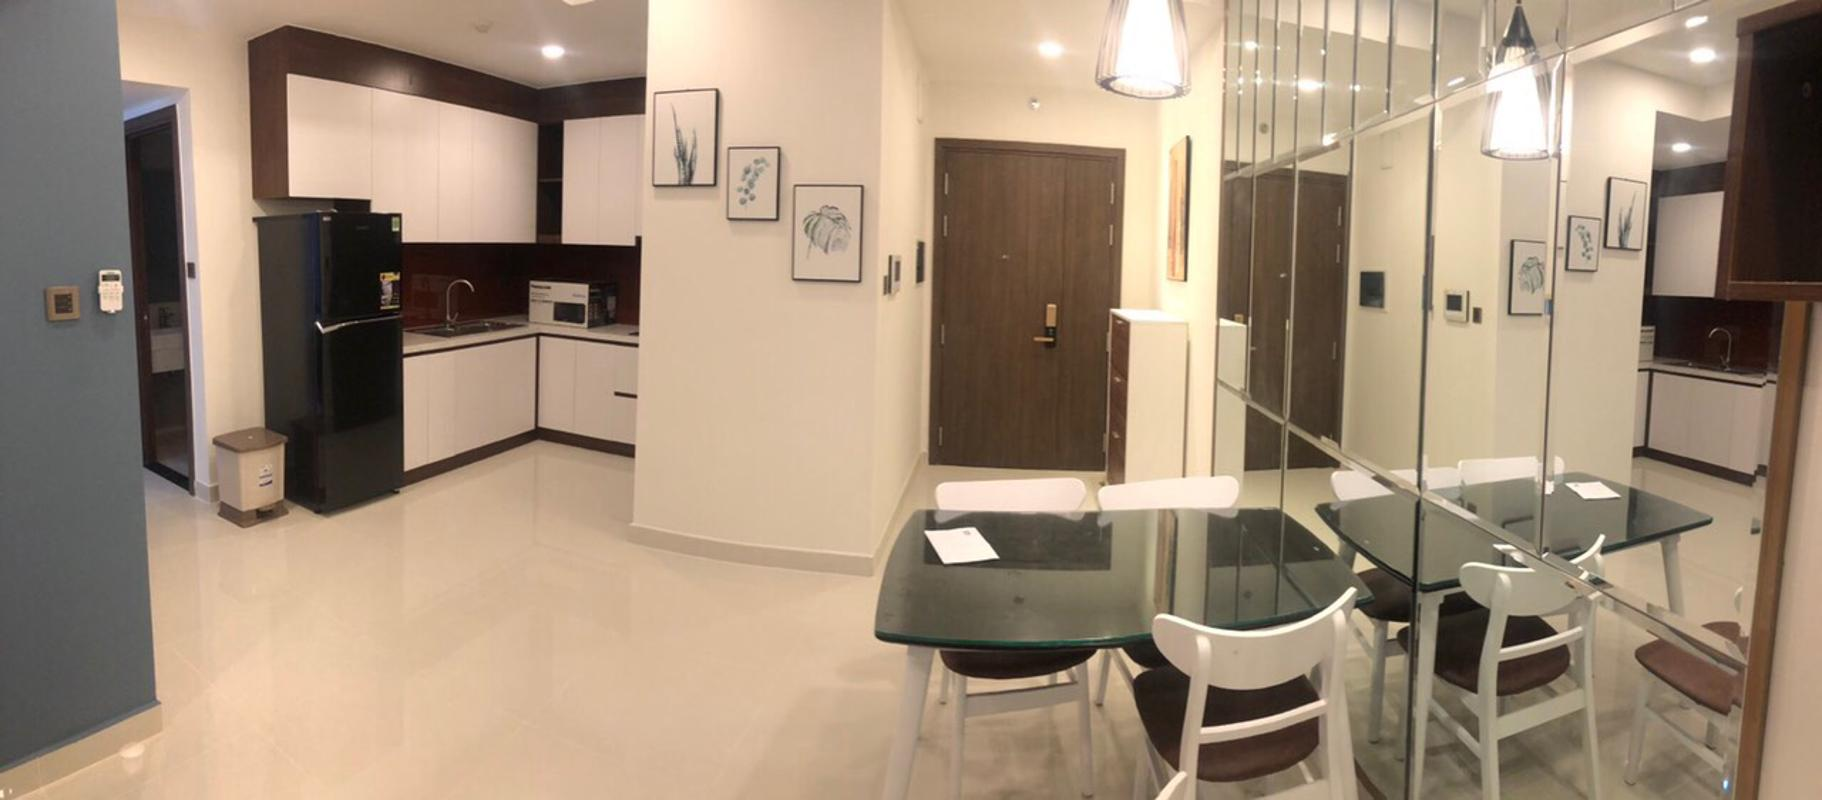 660e55f1a90a4e54171b Cho thuê căn hộ Saigon Royal 2PN, tầng 21, tháp A, diện tích 80m2, đầy đủ nội thất, hướng Đông Bắc